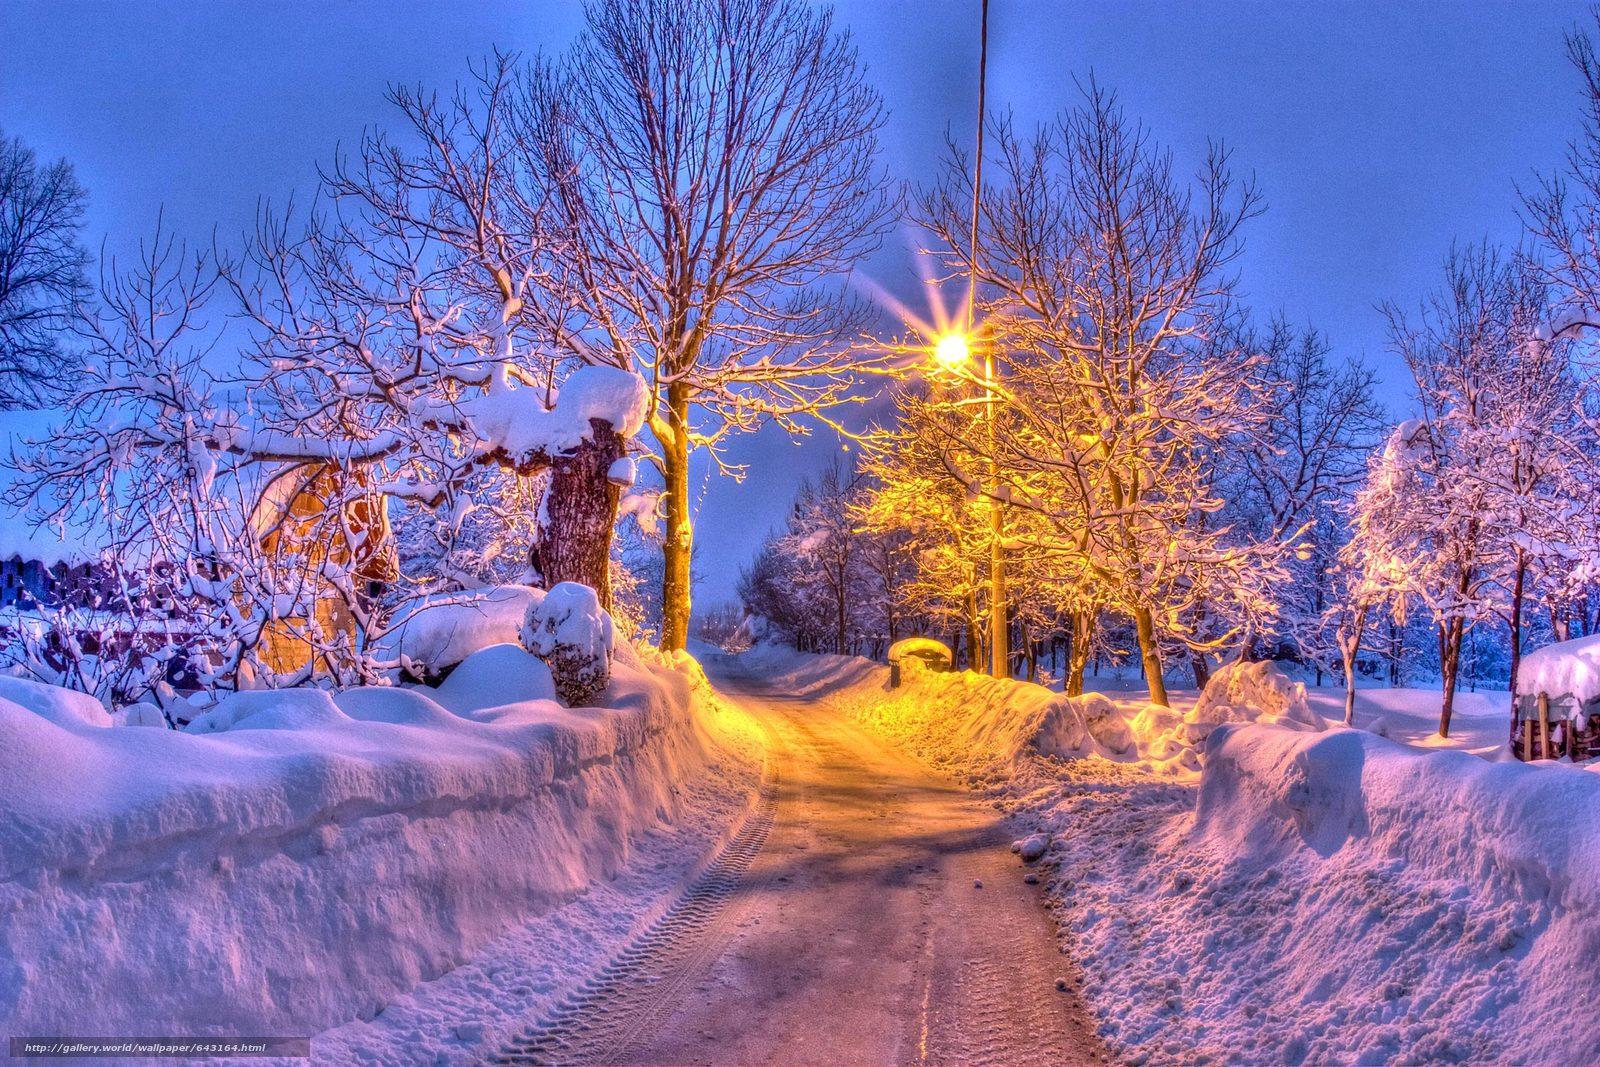 Скачать обои зима,  дорога,  деревья,  домик бесплатно для рабочего стола в разрешении 2100x1400 — картинка №643164